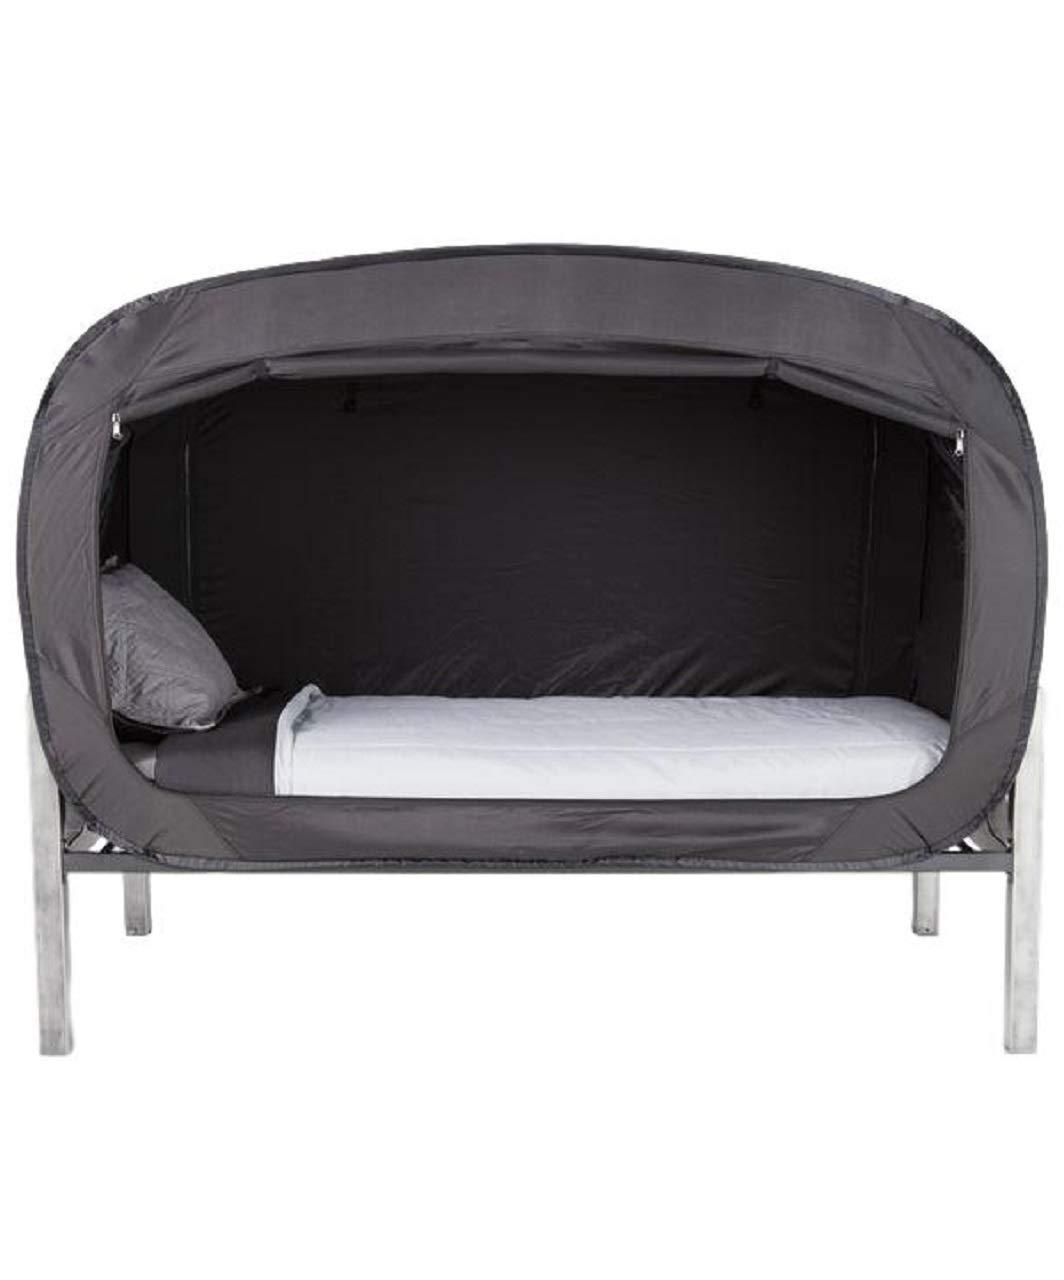 Privacy Pop (プライバシー ポップ) ベッド テント プライバシー 個人 部屋 災害 グッズ アウトドア ガーデン イグルー ブラック フル